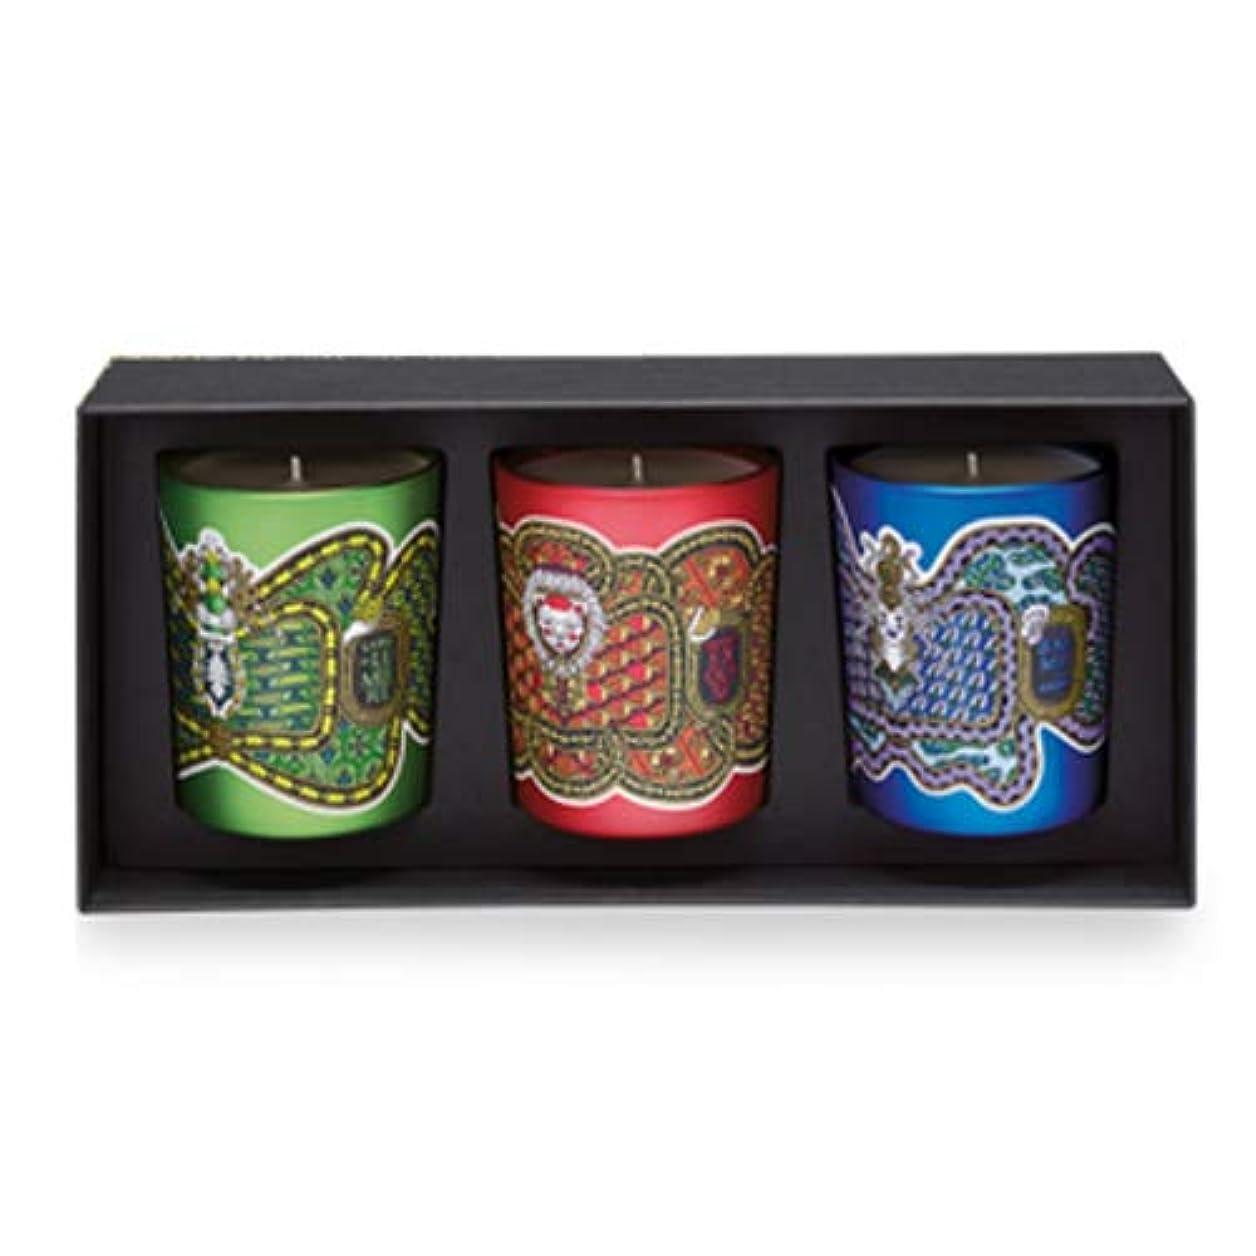 シュート切る乳製品ディプティック フレグランス キャンドル コフレ 3種類の香り 190g×3 DIPTYQUE LEGENDE DU NORD SCENTED HOLIDAY 3 CANDLE SET [6586] [並行輸入品]